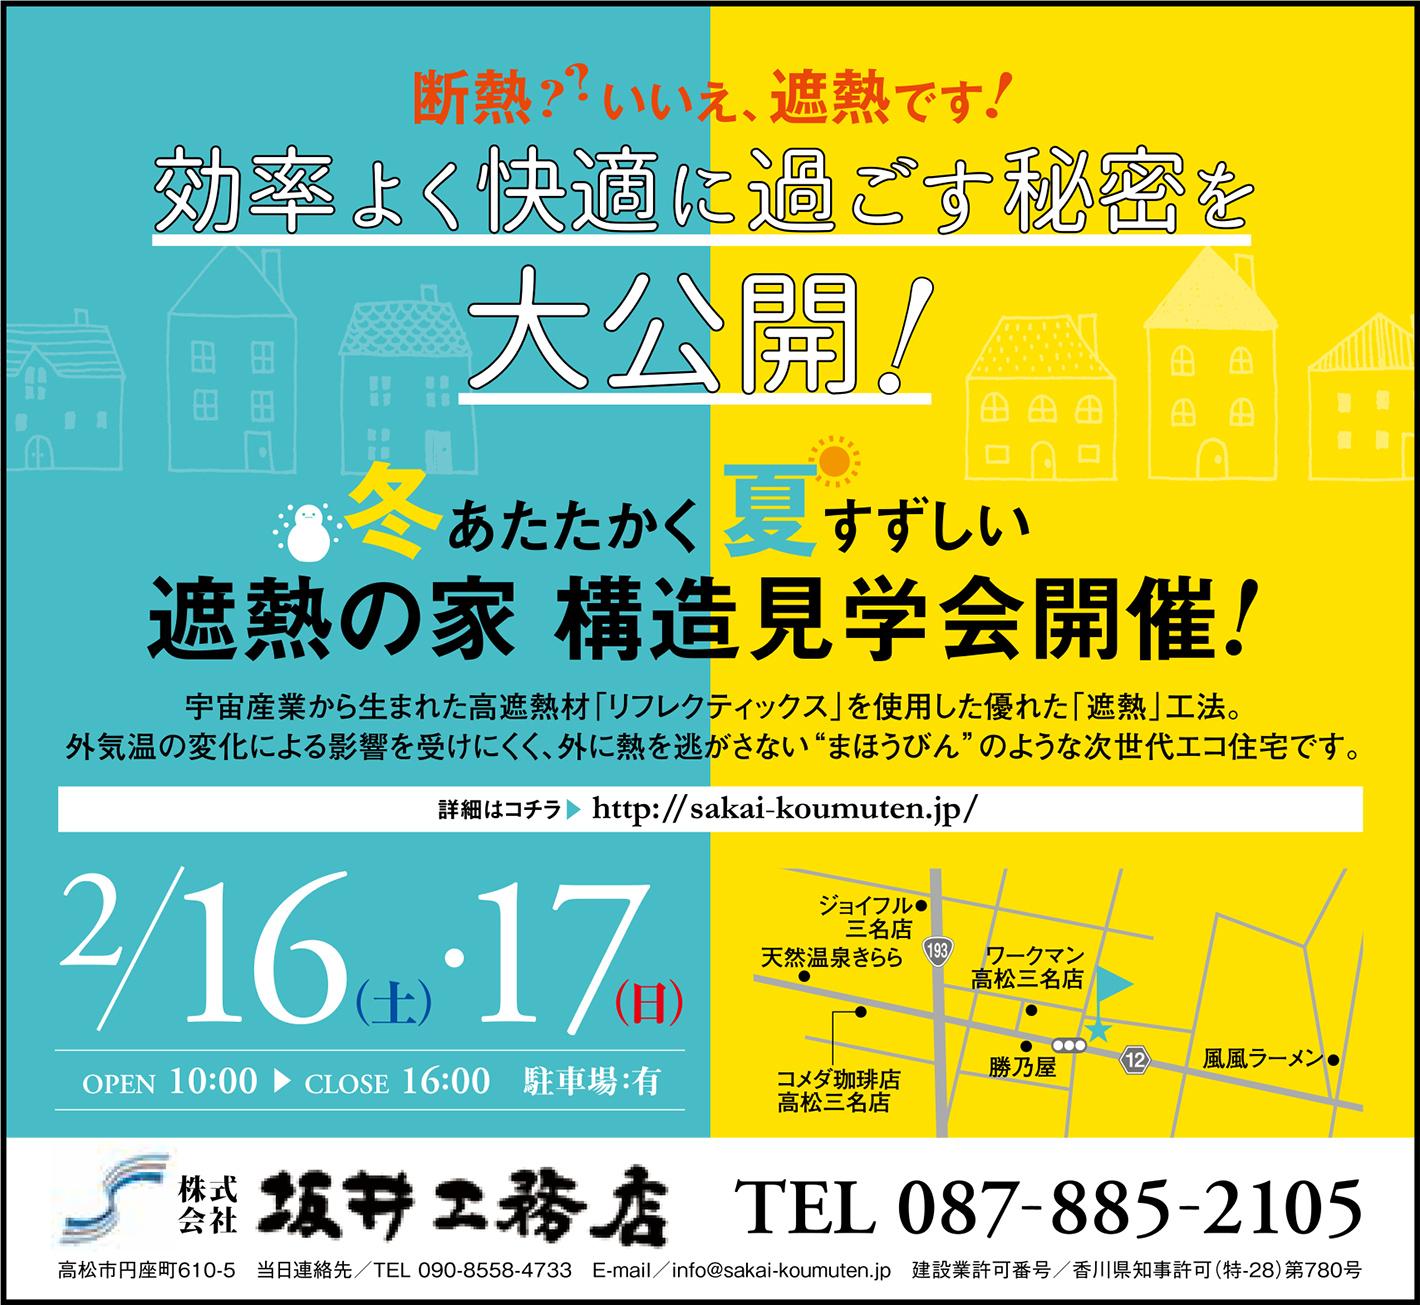 遮熱の家 構造見学会(高松市三名町/2019.2.16-17)